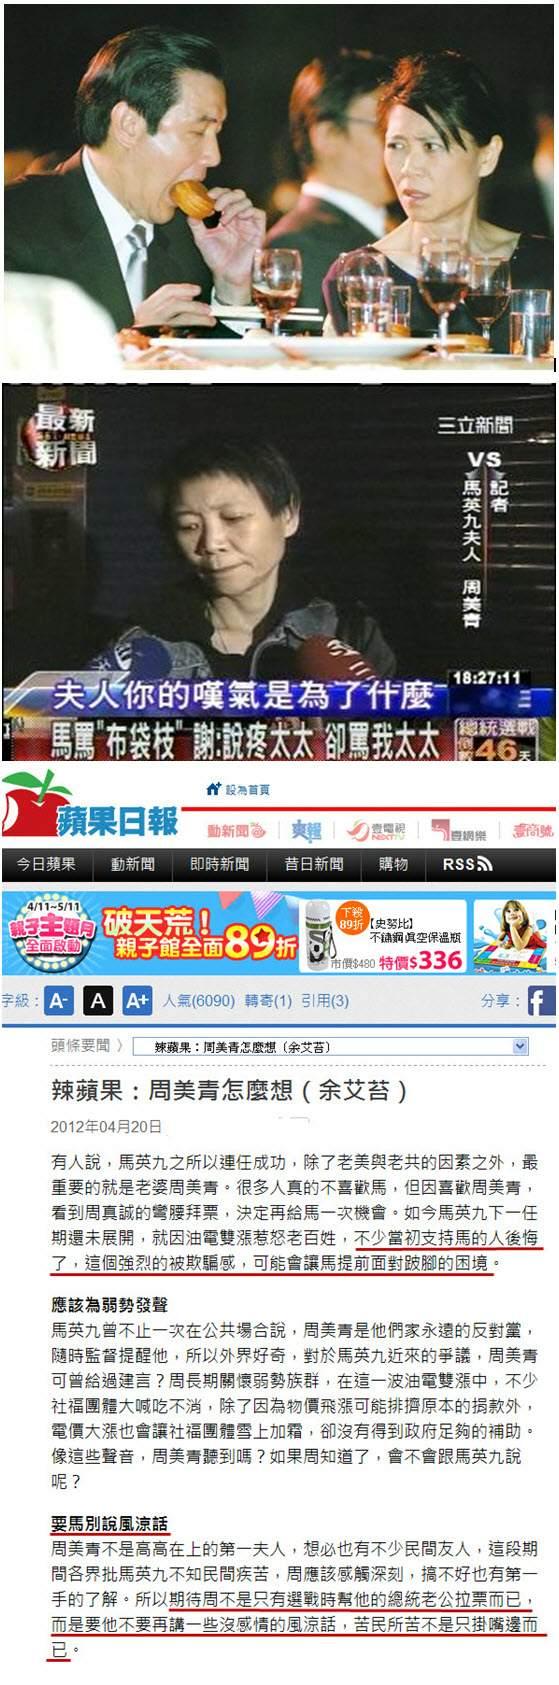 辣蘋果:周美青怎麼想(余艾苔)-2012.04.20-03